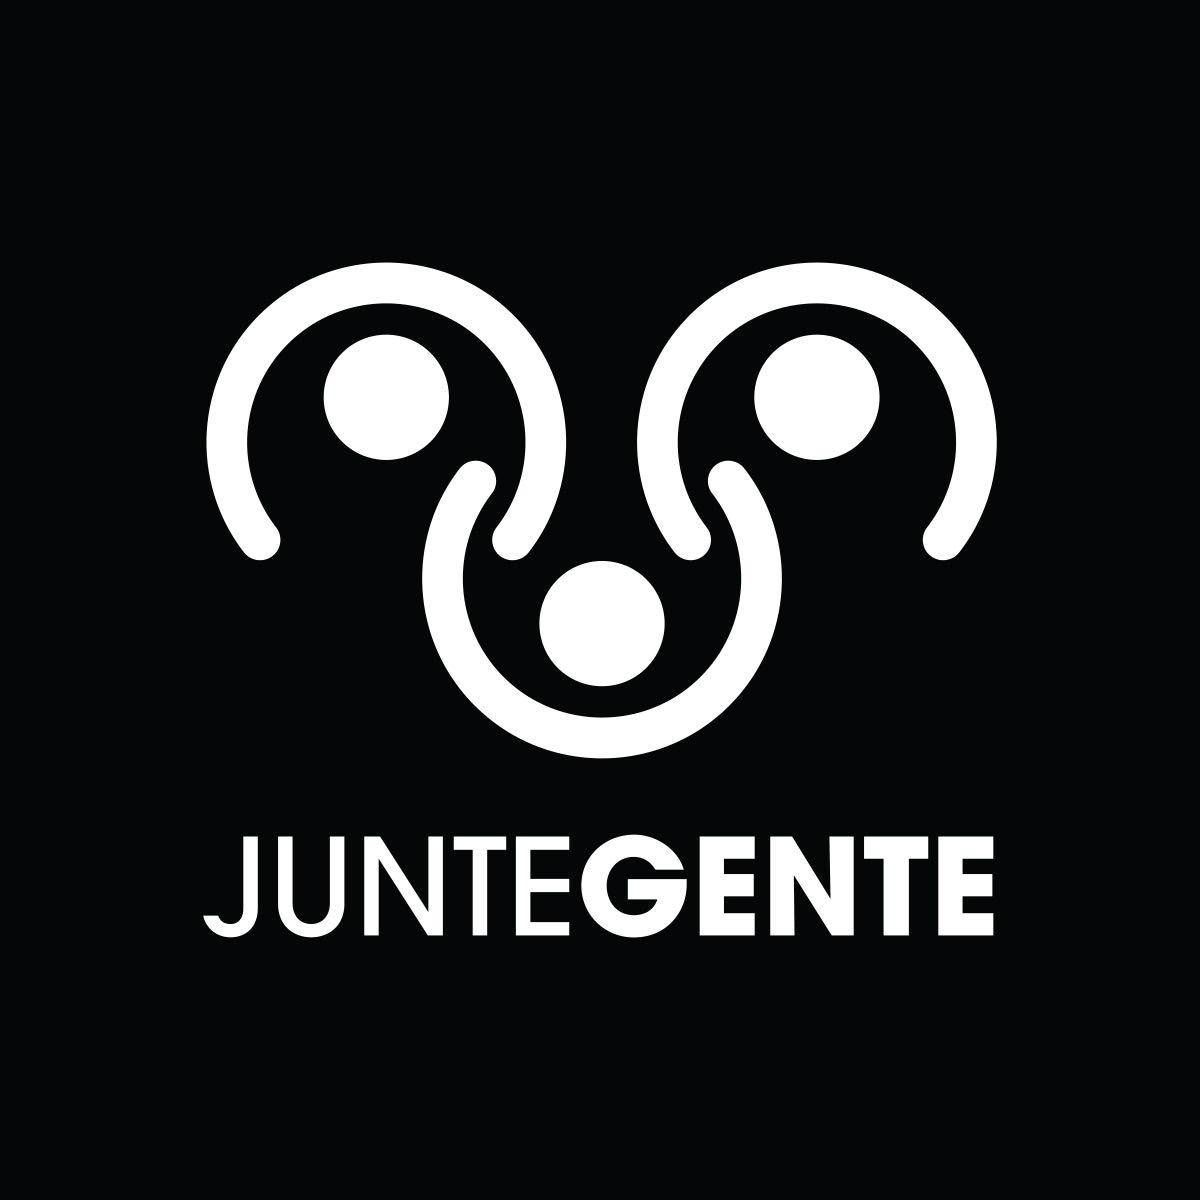 JunteGente